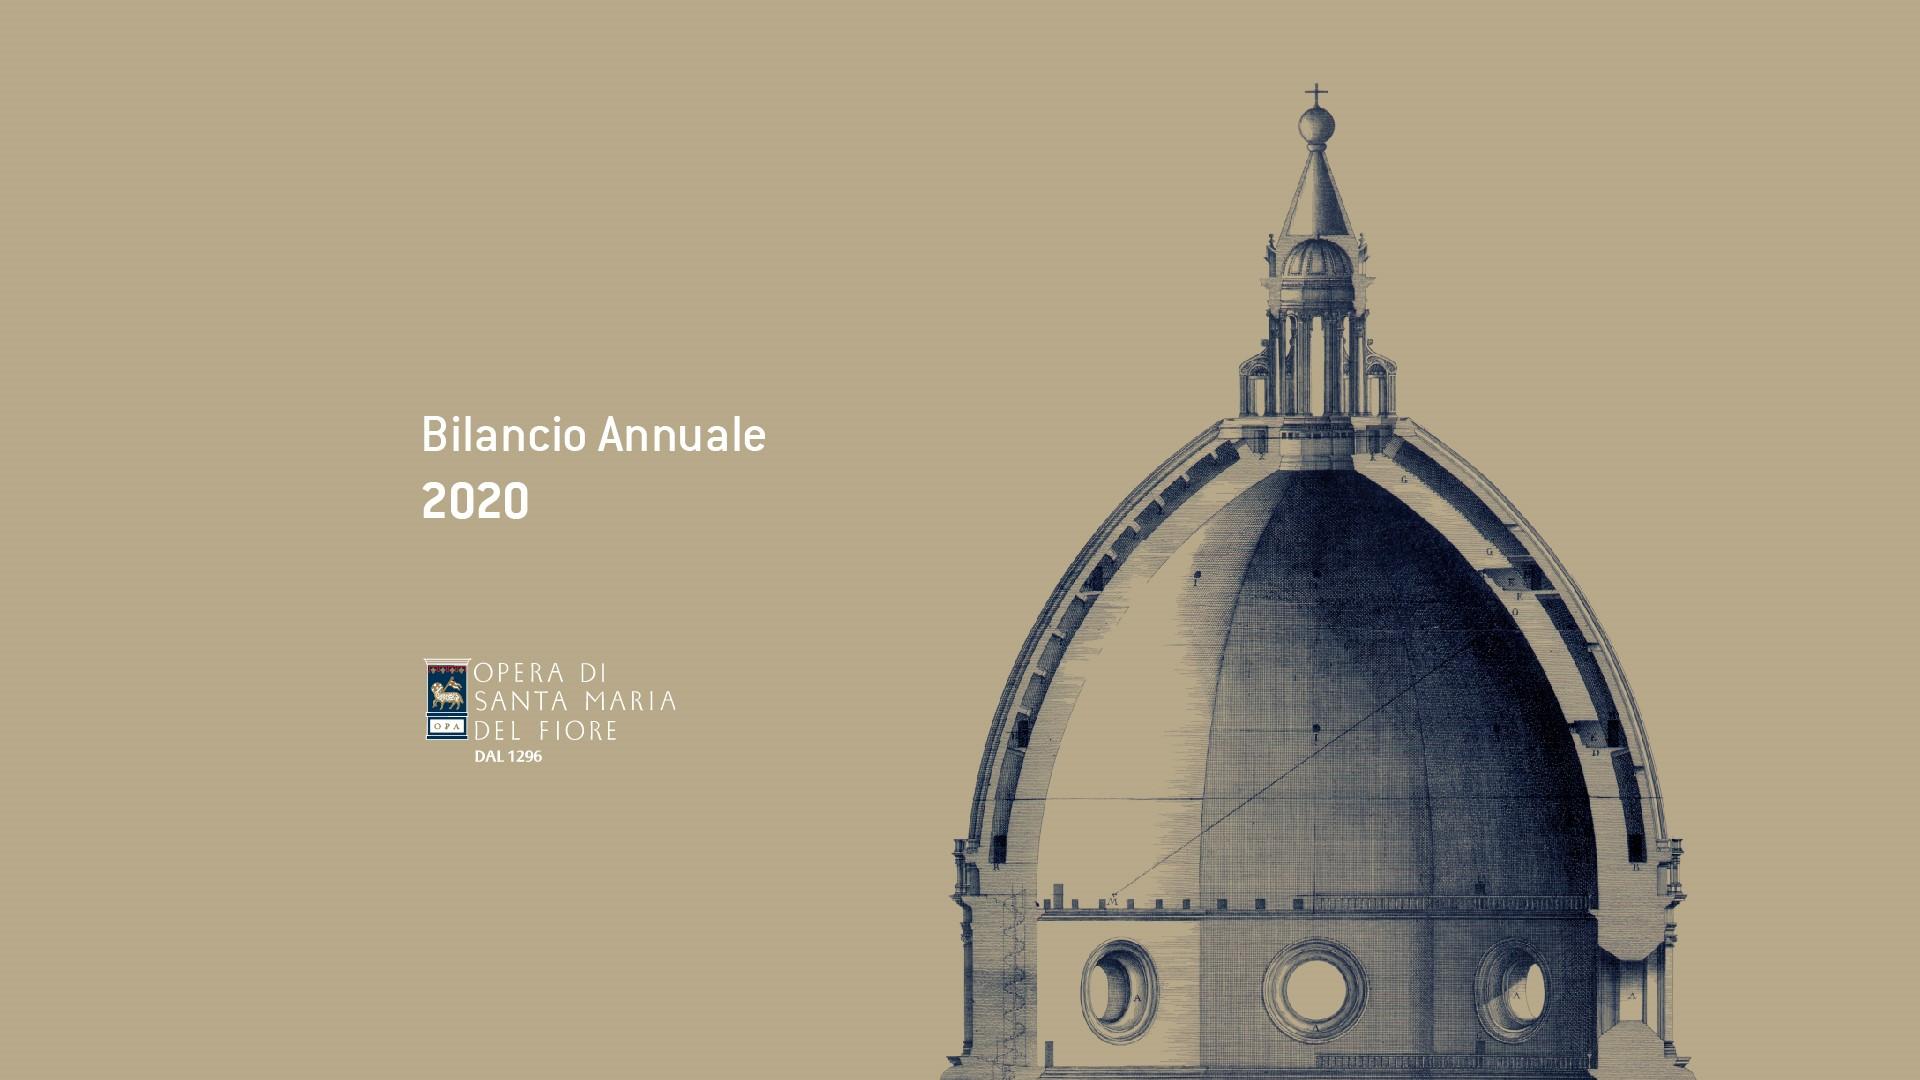 bilancio sociale annuale Opera Santa Maria del Fiore Duomo FIrenze Florence social annual report stakeholder engagement